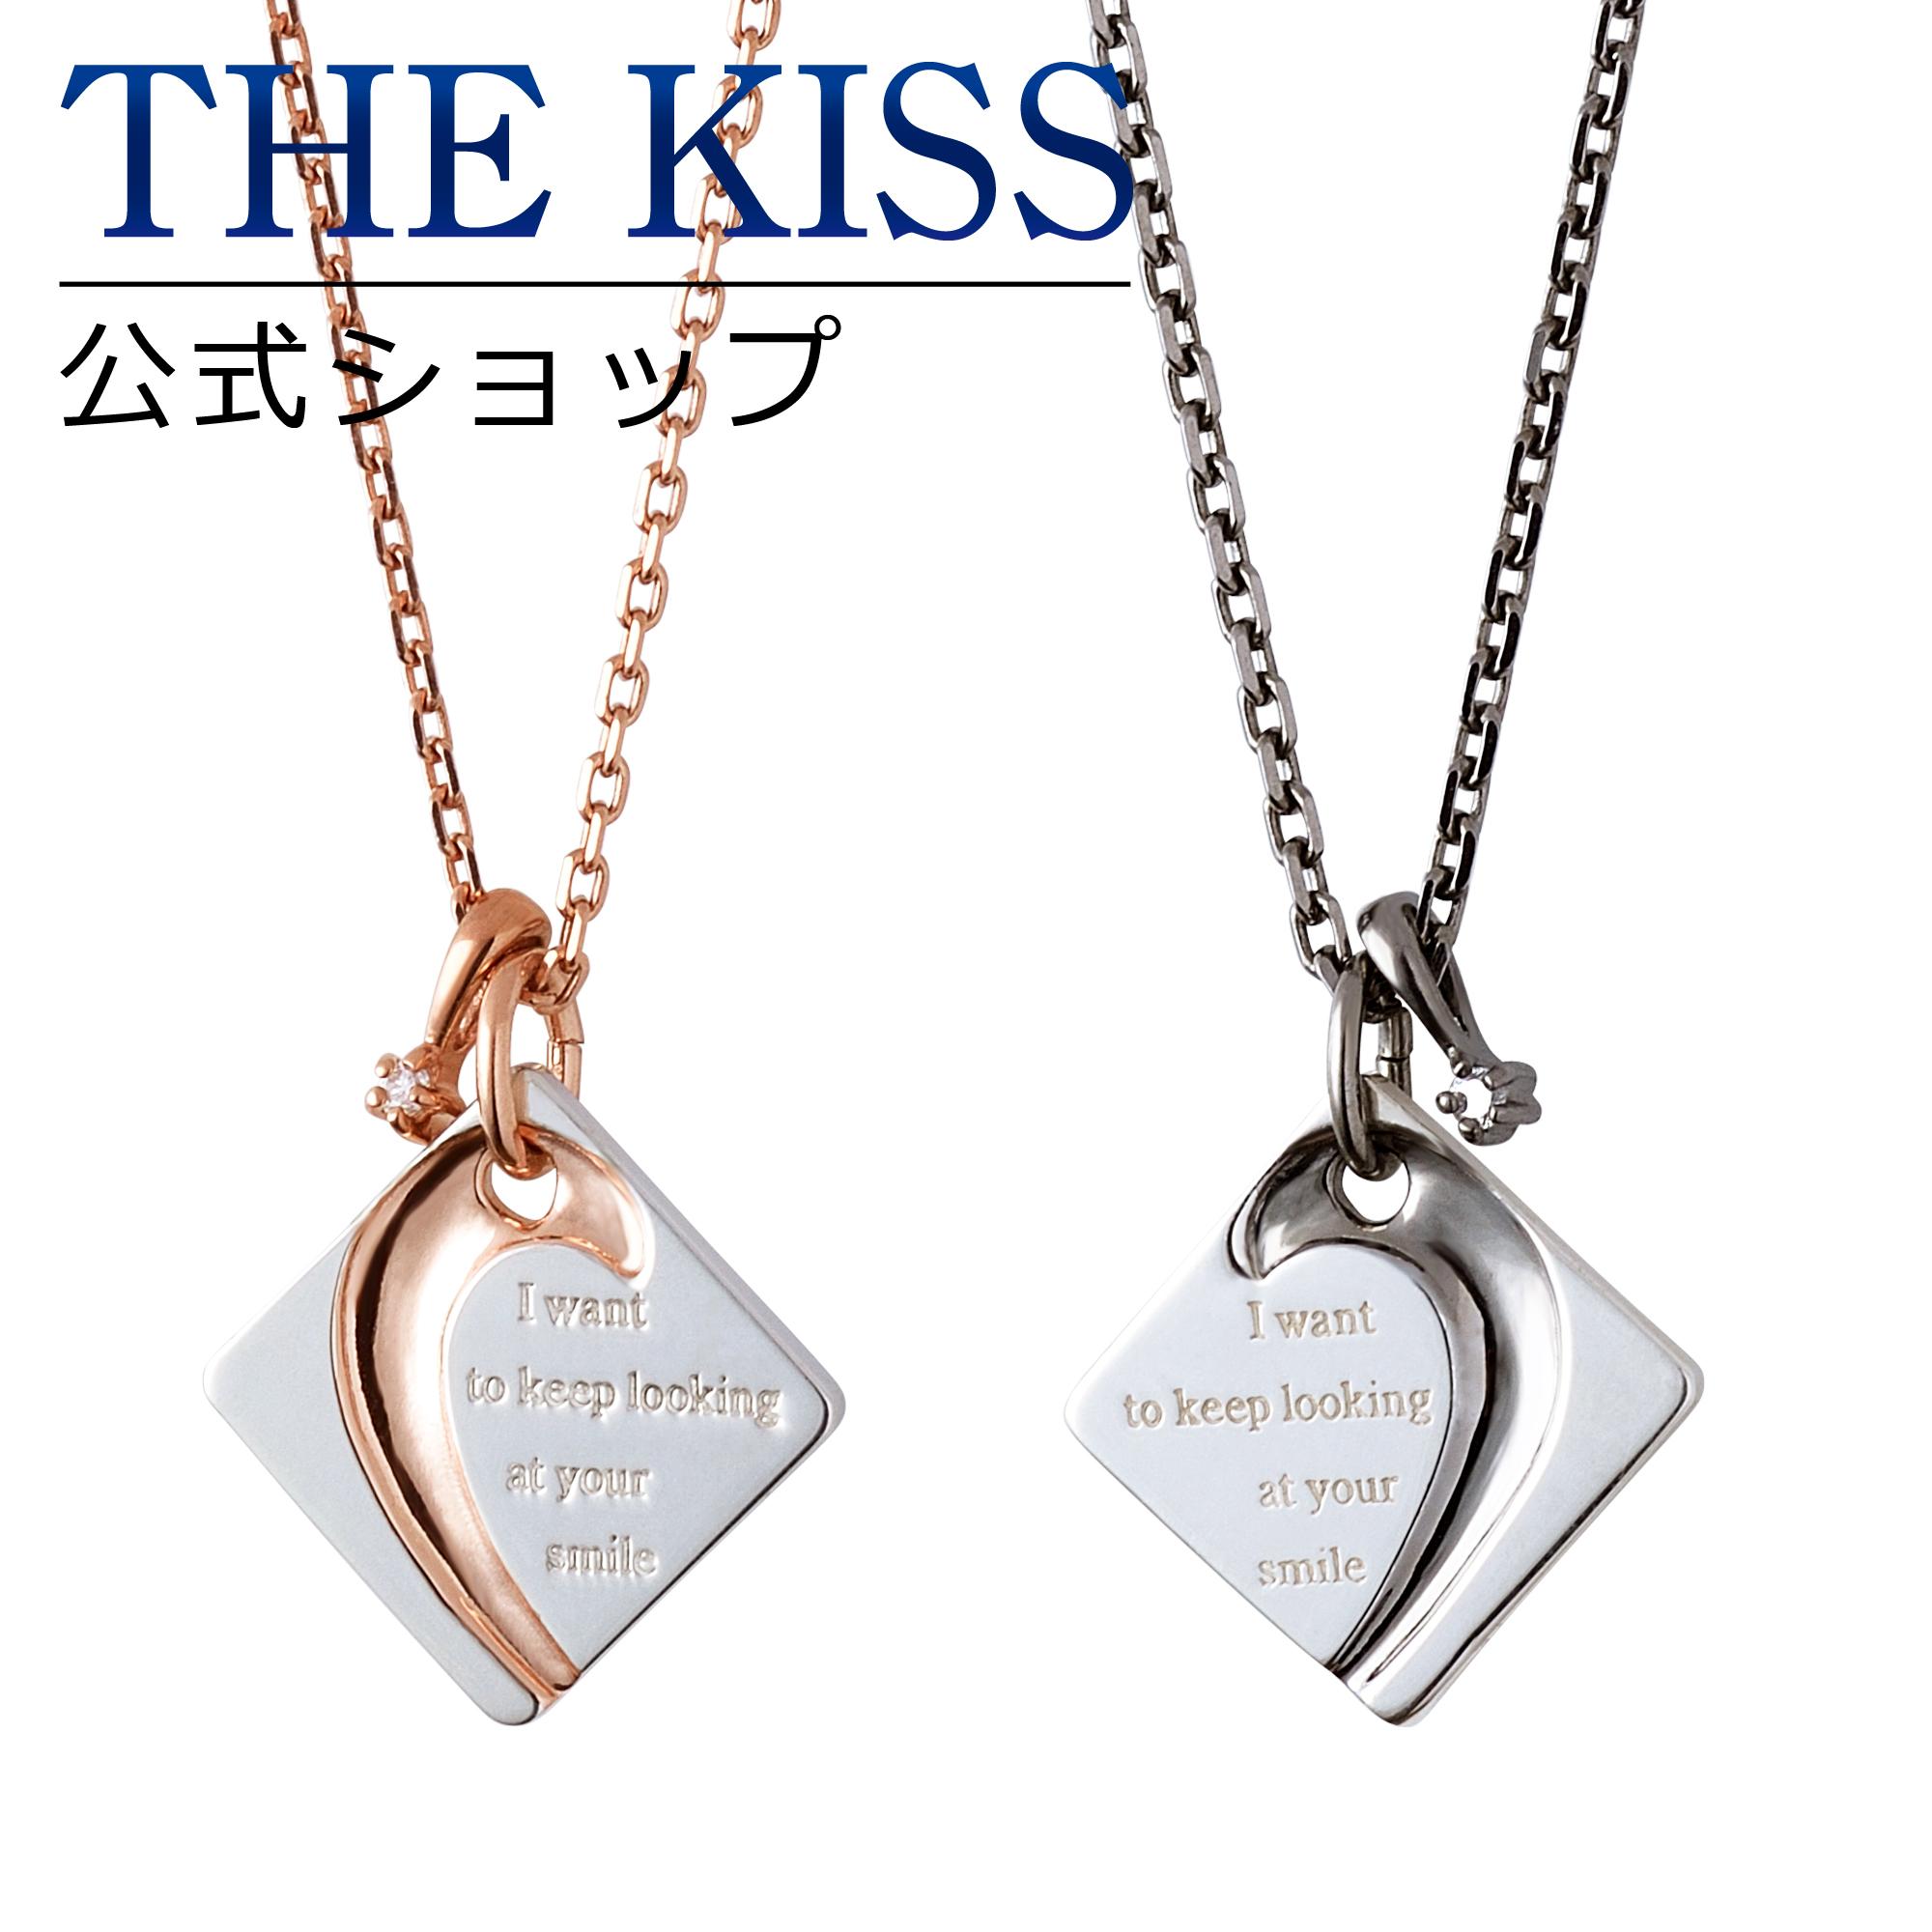 THE KISS 公式サイト シルバー ペアネックレス ペアアクセサリー カップル に 人気 の ジュエリーブランド THEKISS ペア ネックレス・ペンダント 記念日 プレゼント SPD7007DM-7008DM セット シンプル ザキス 【送料無料】